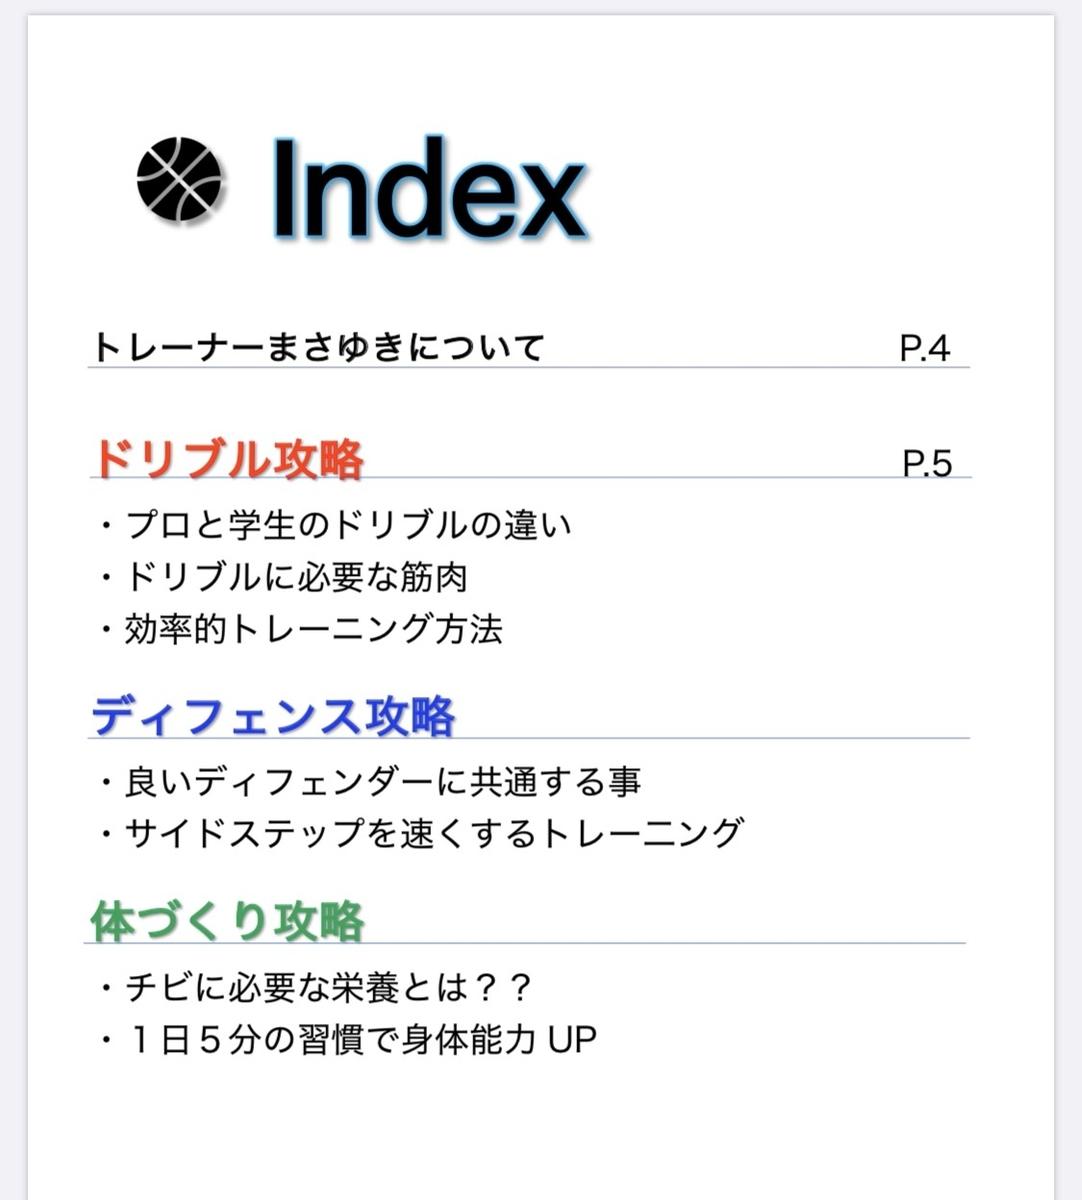 f:id:masayuki-marb-0840:20190930204851j:plain